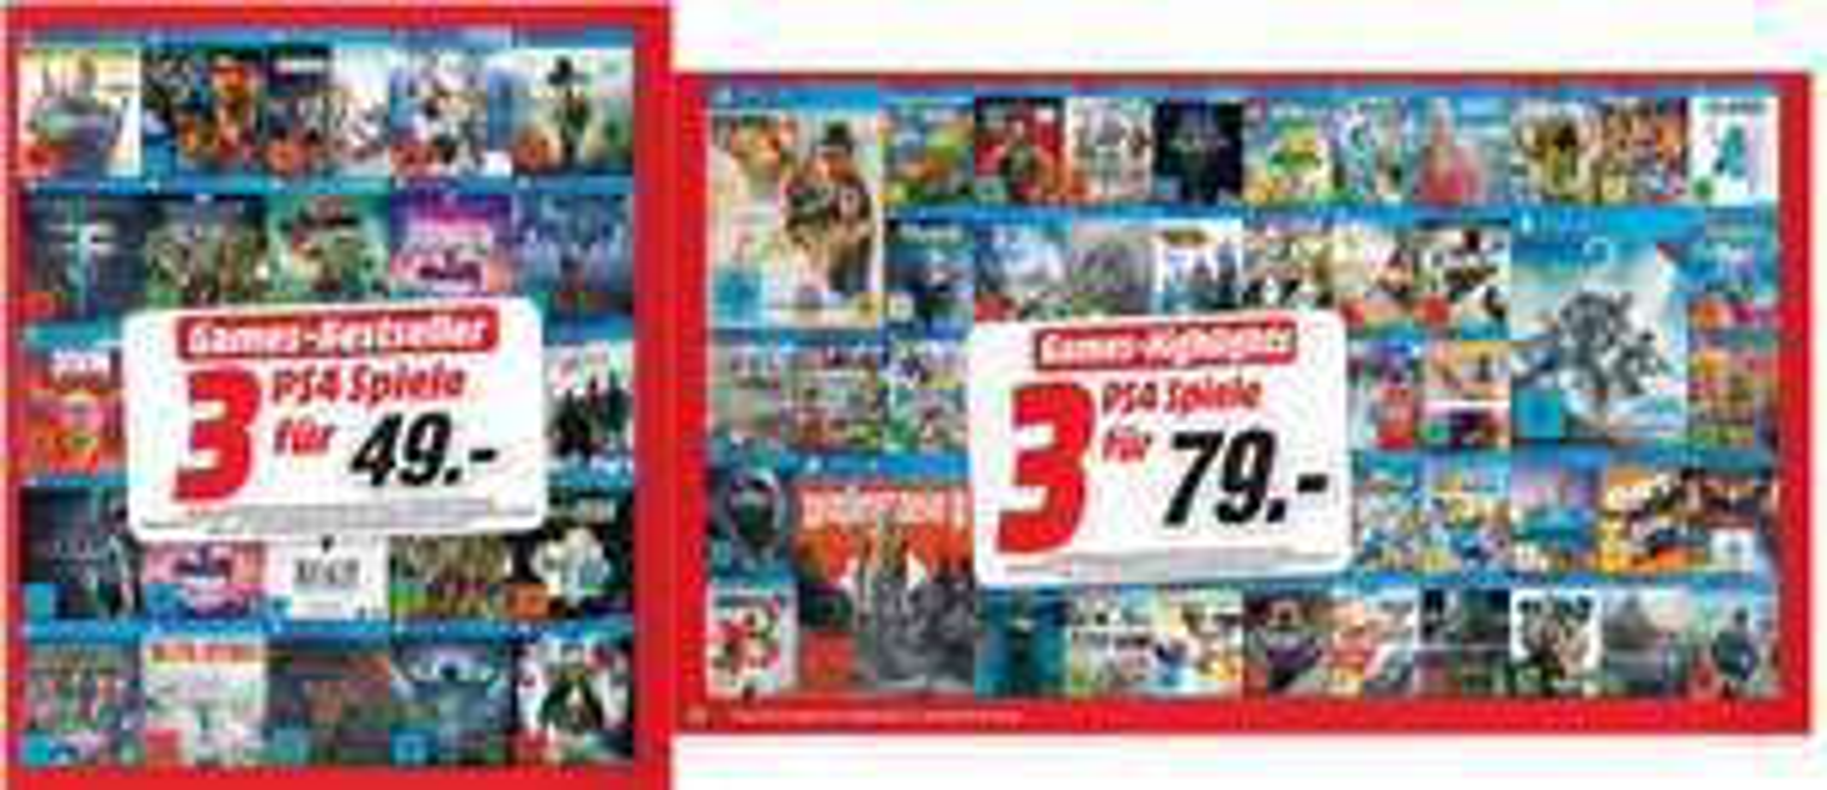 Multibuy-Aktionen // 3 Spiele für 49,-€ oder 3 Spiele für 79,-€ (PS4,XB1,PC,Nintendo) **Zudem 5 Blu-Rays für 25,-€** [Mediamarkt]